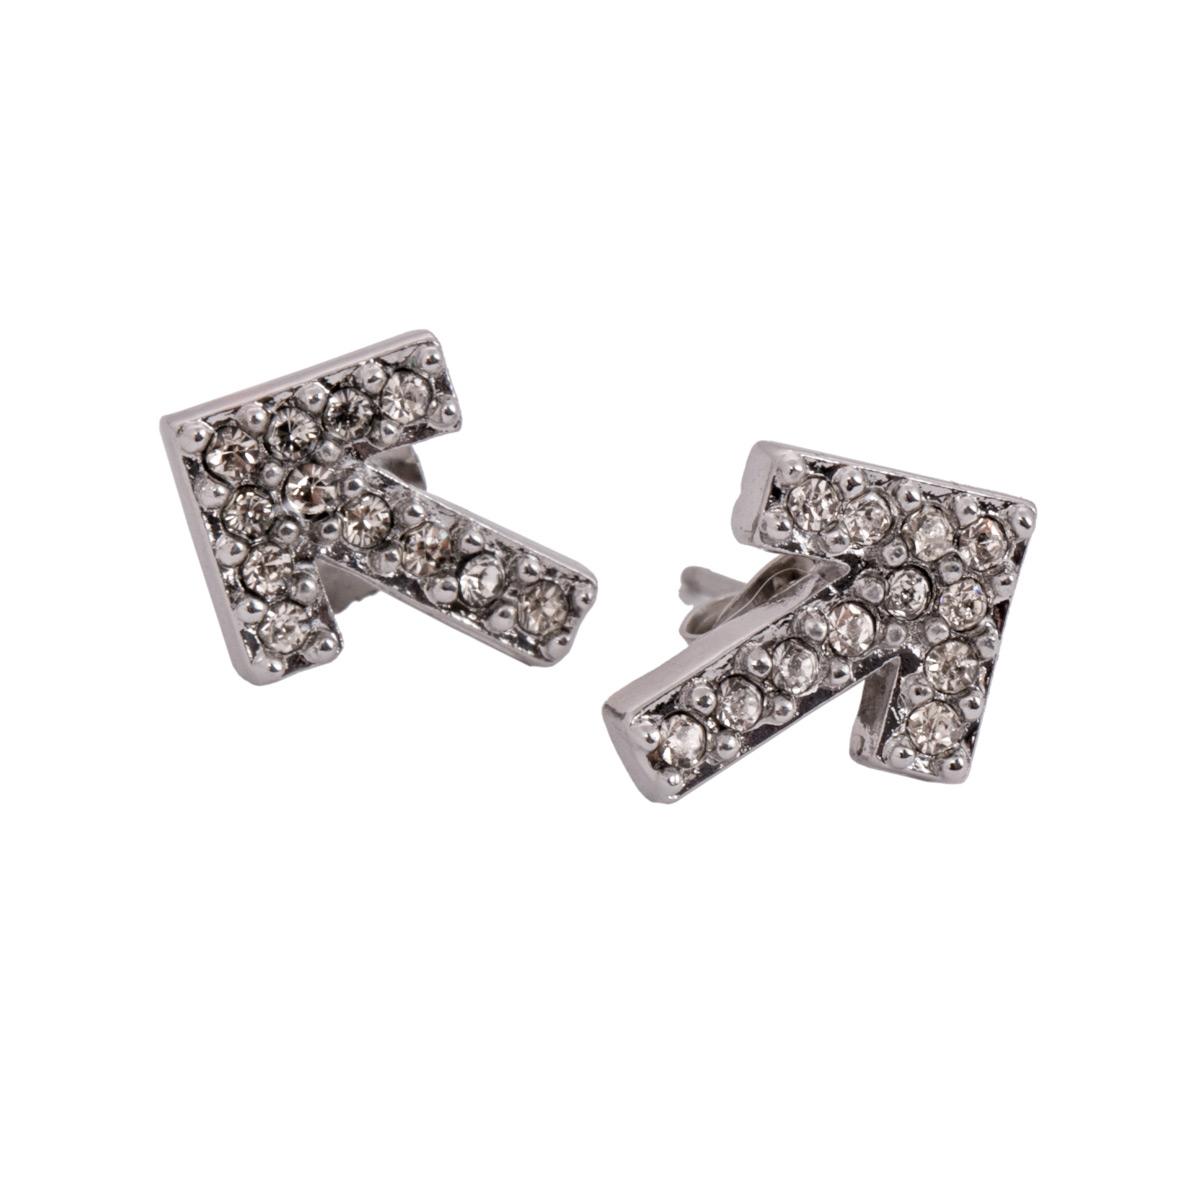 SU2C Devon Leigh Gun Metal Plated Crystal Arrow Stud Earrings